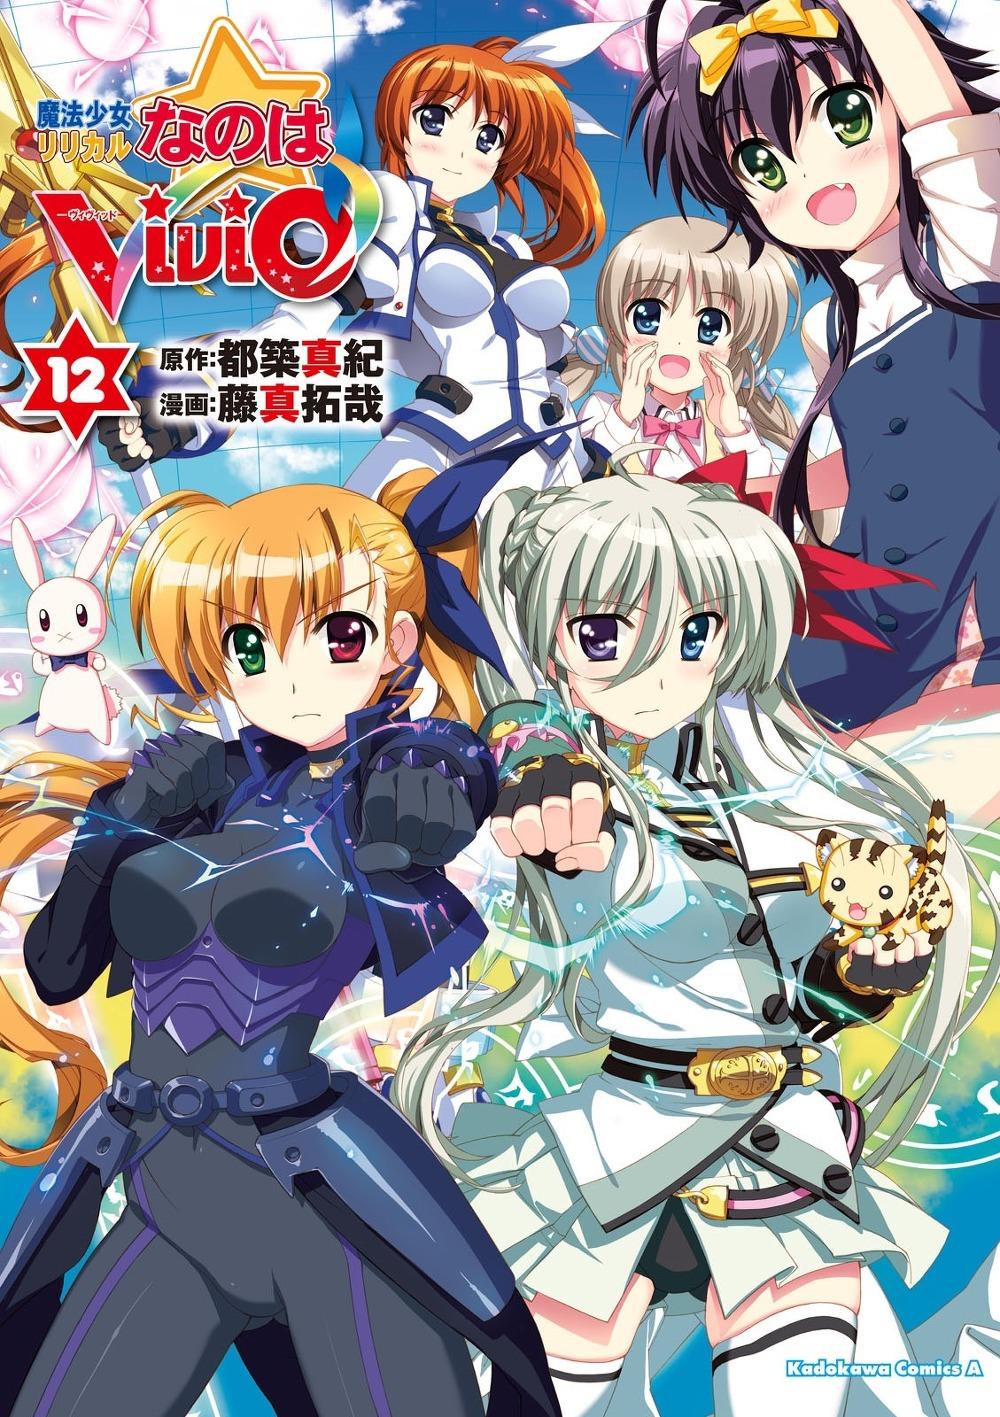 마법소녀 리리컬 나노하 ViVid 第12巻 (魔法少女リリカルなのはVivid 第12巻